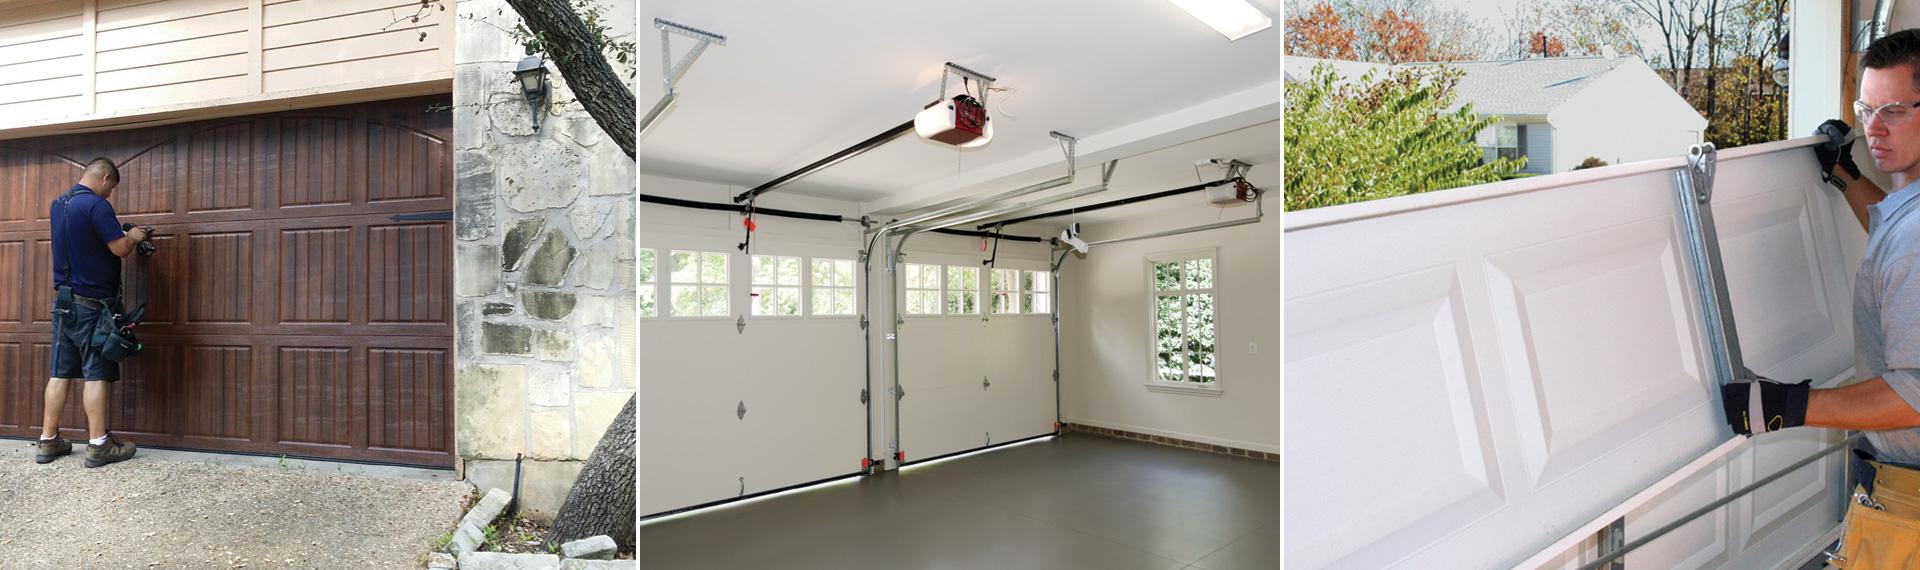 All Garage Door Services Aldan PA